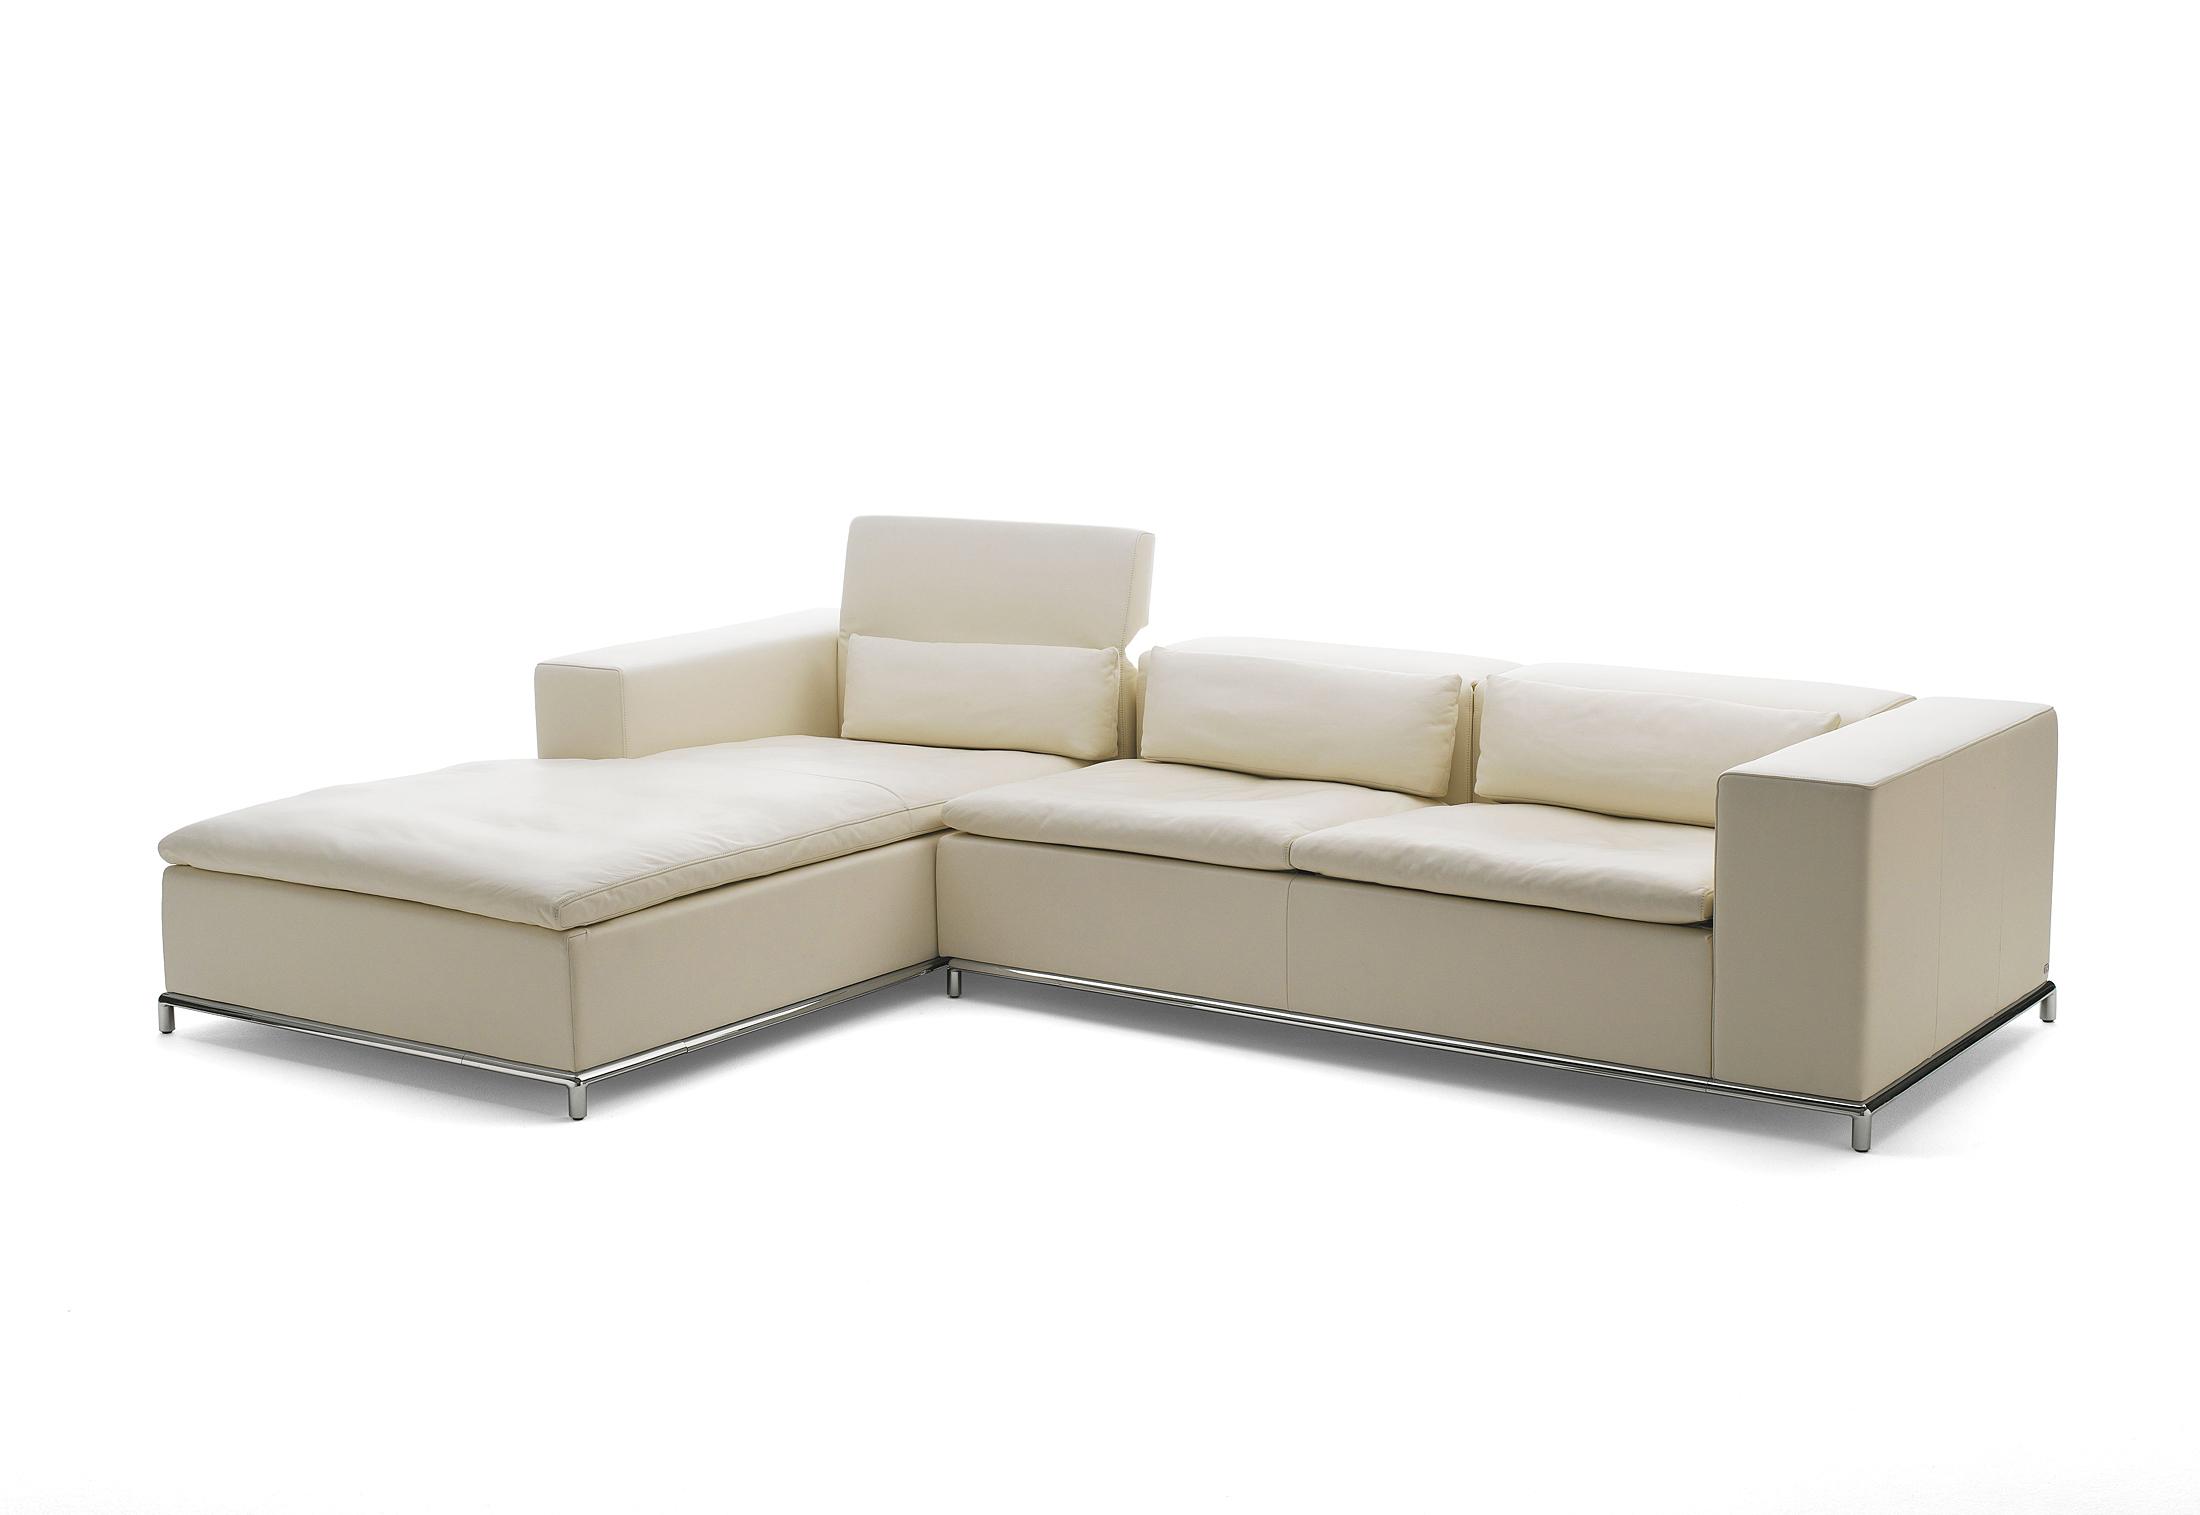 ds 7 corner sofa by de sede stylepark. Black Bedroom Furniture Sets. Home Design Ideas